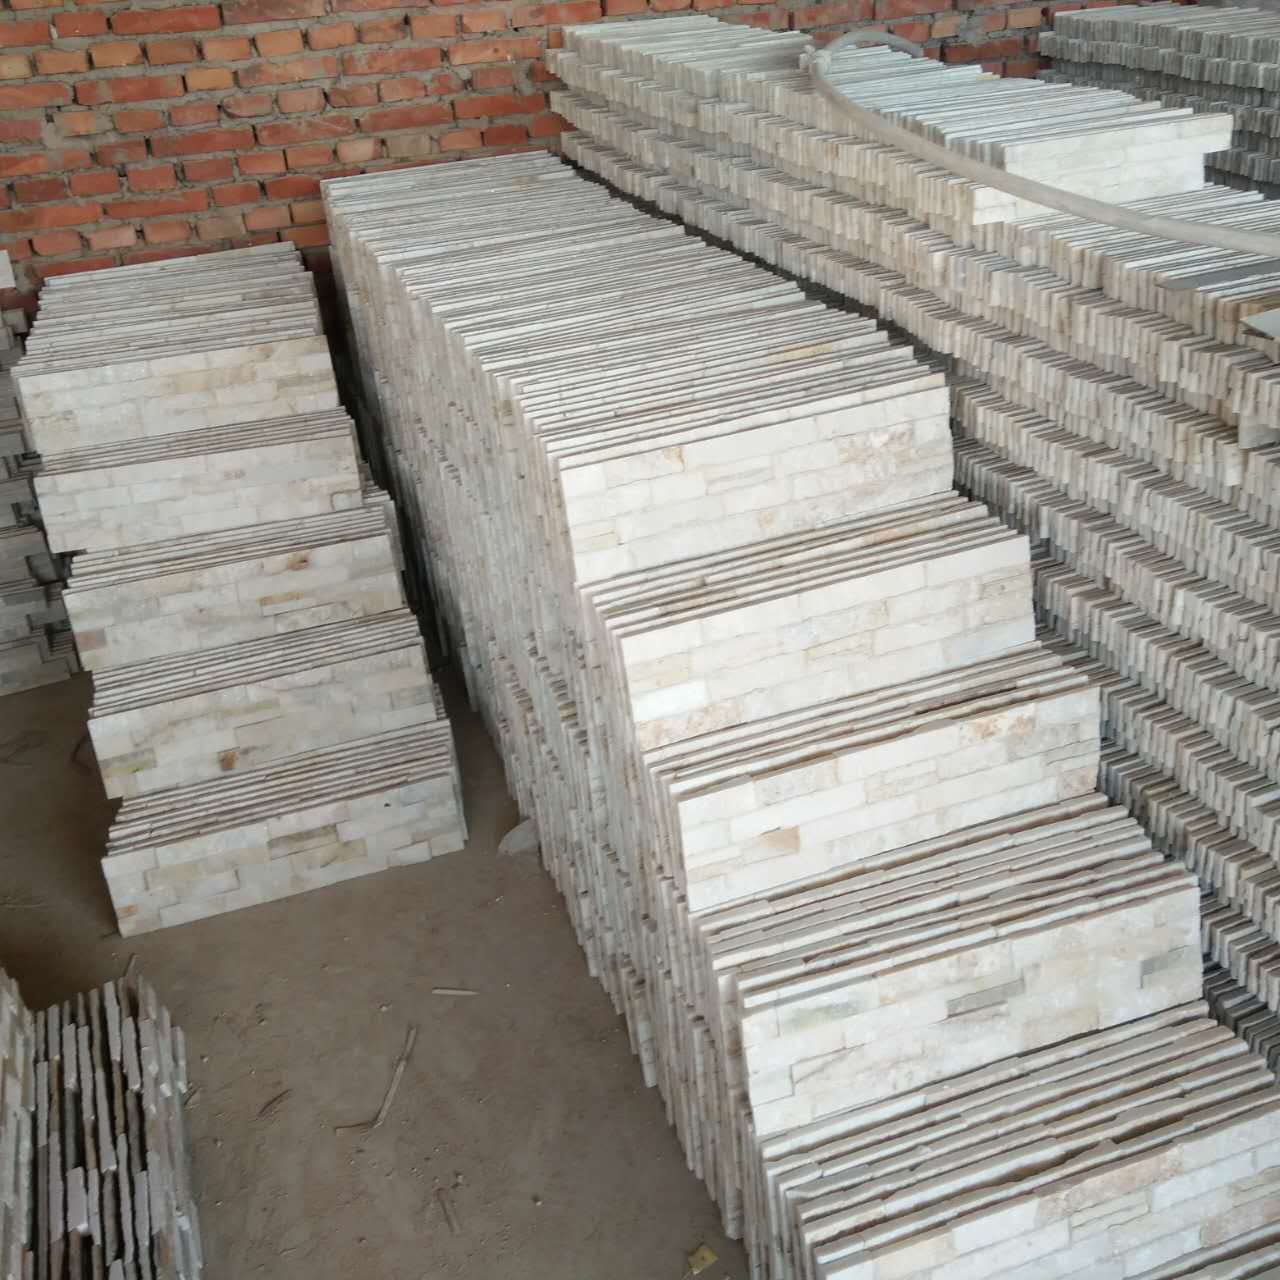 天然石材白色文化石 白石英文化石 别墅外墙砖 电视背景墙系列图片